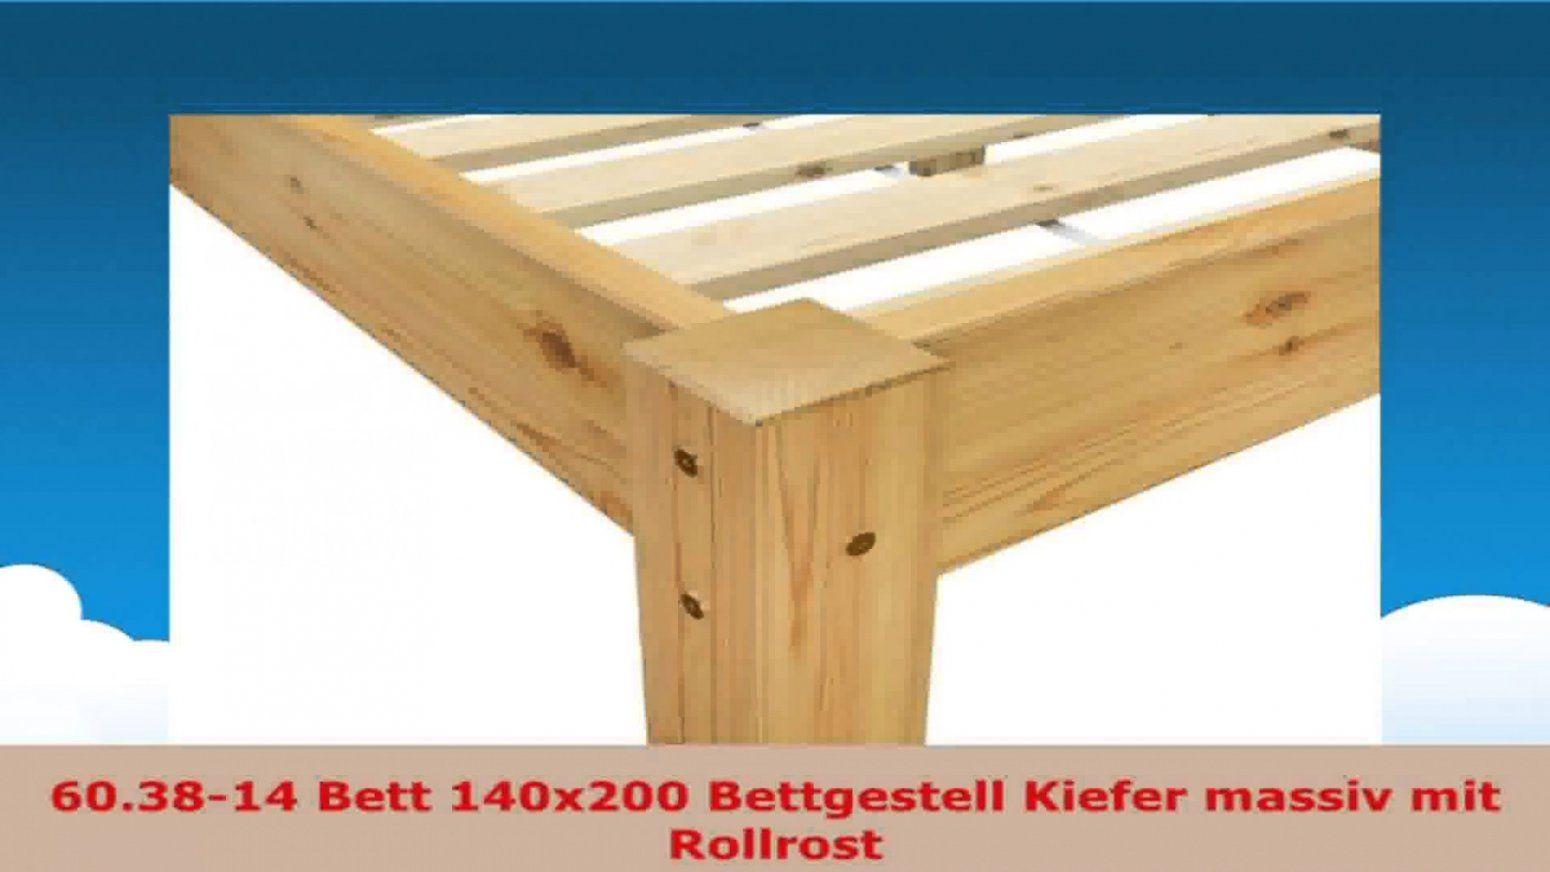 Beste Bett 140X200 Bettgestell Kiefer Massiv Mit Rollrost Zum Kiefer von Bett 140X200 Kiefer Massiv Photo